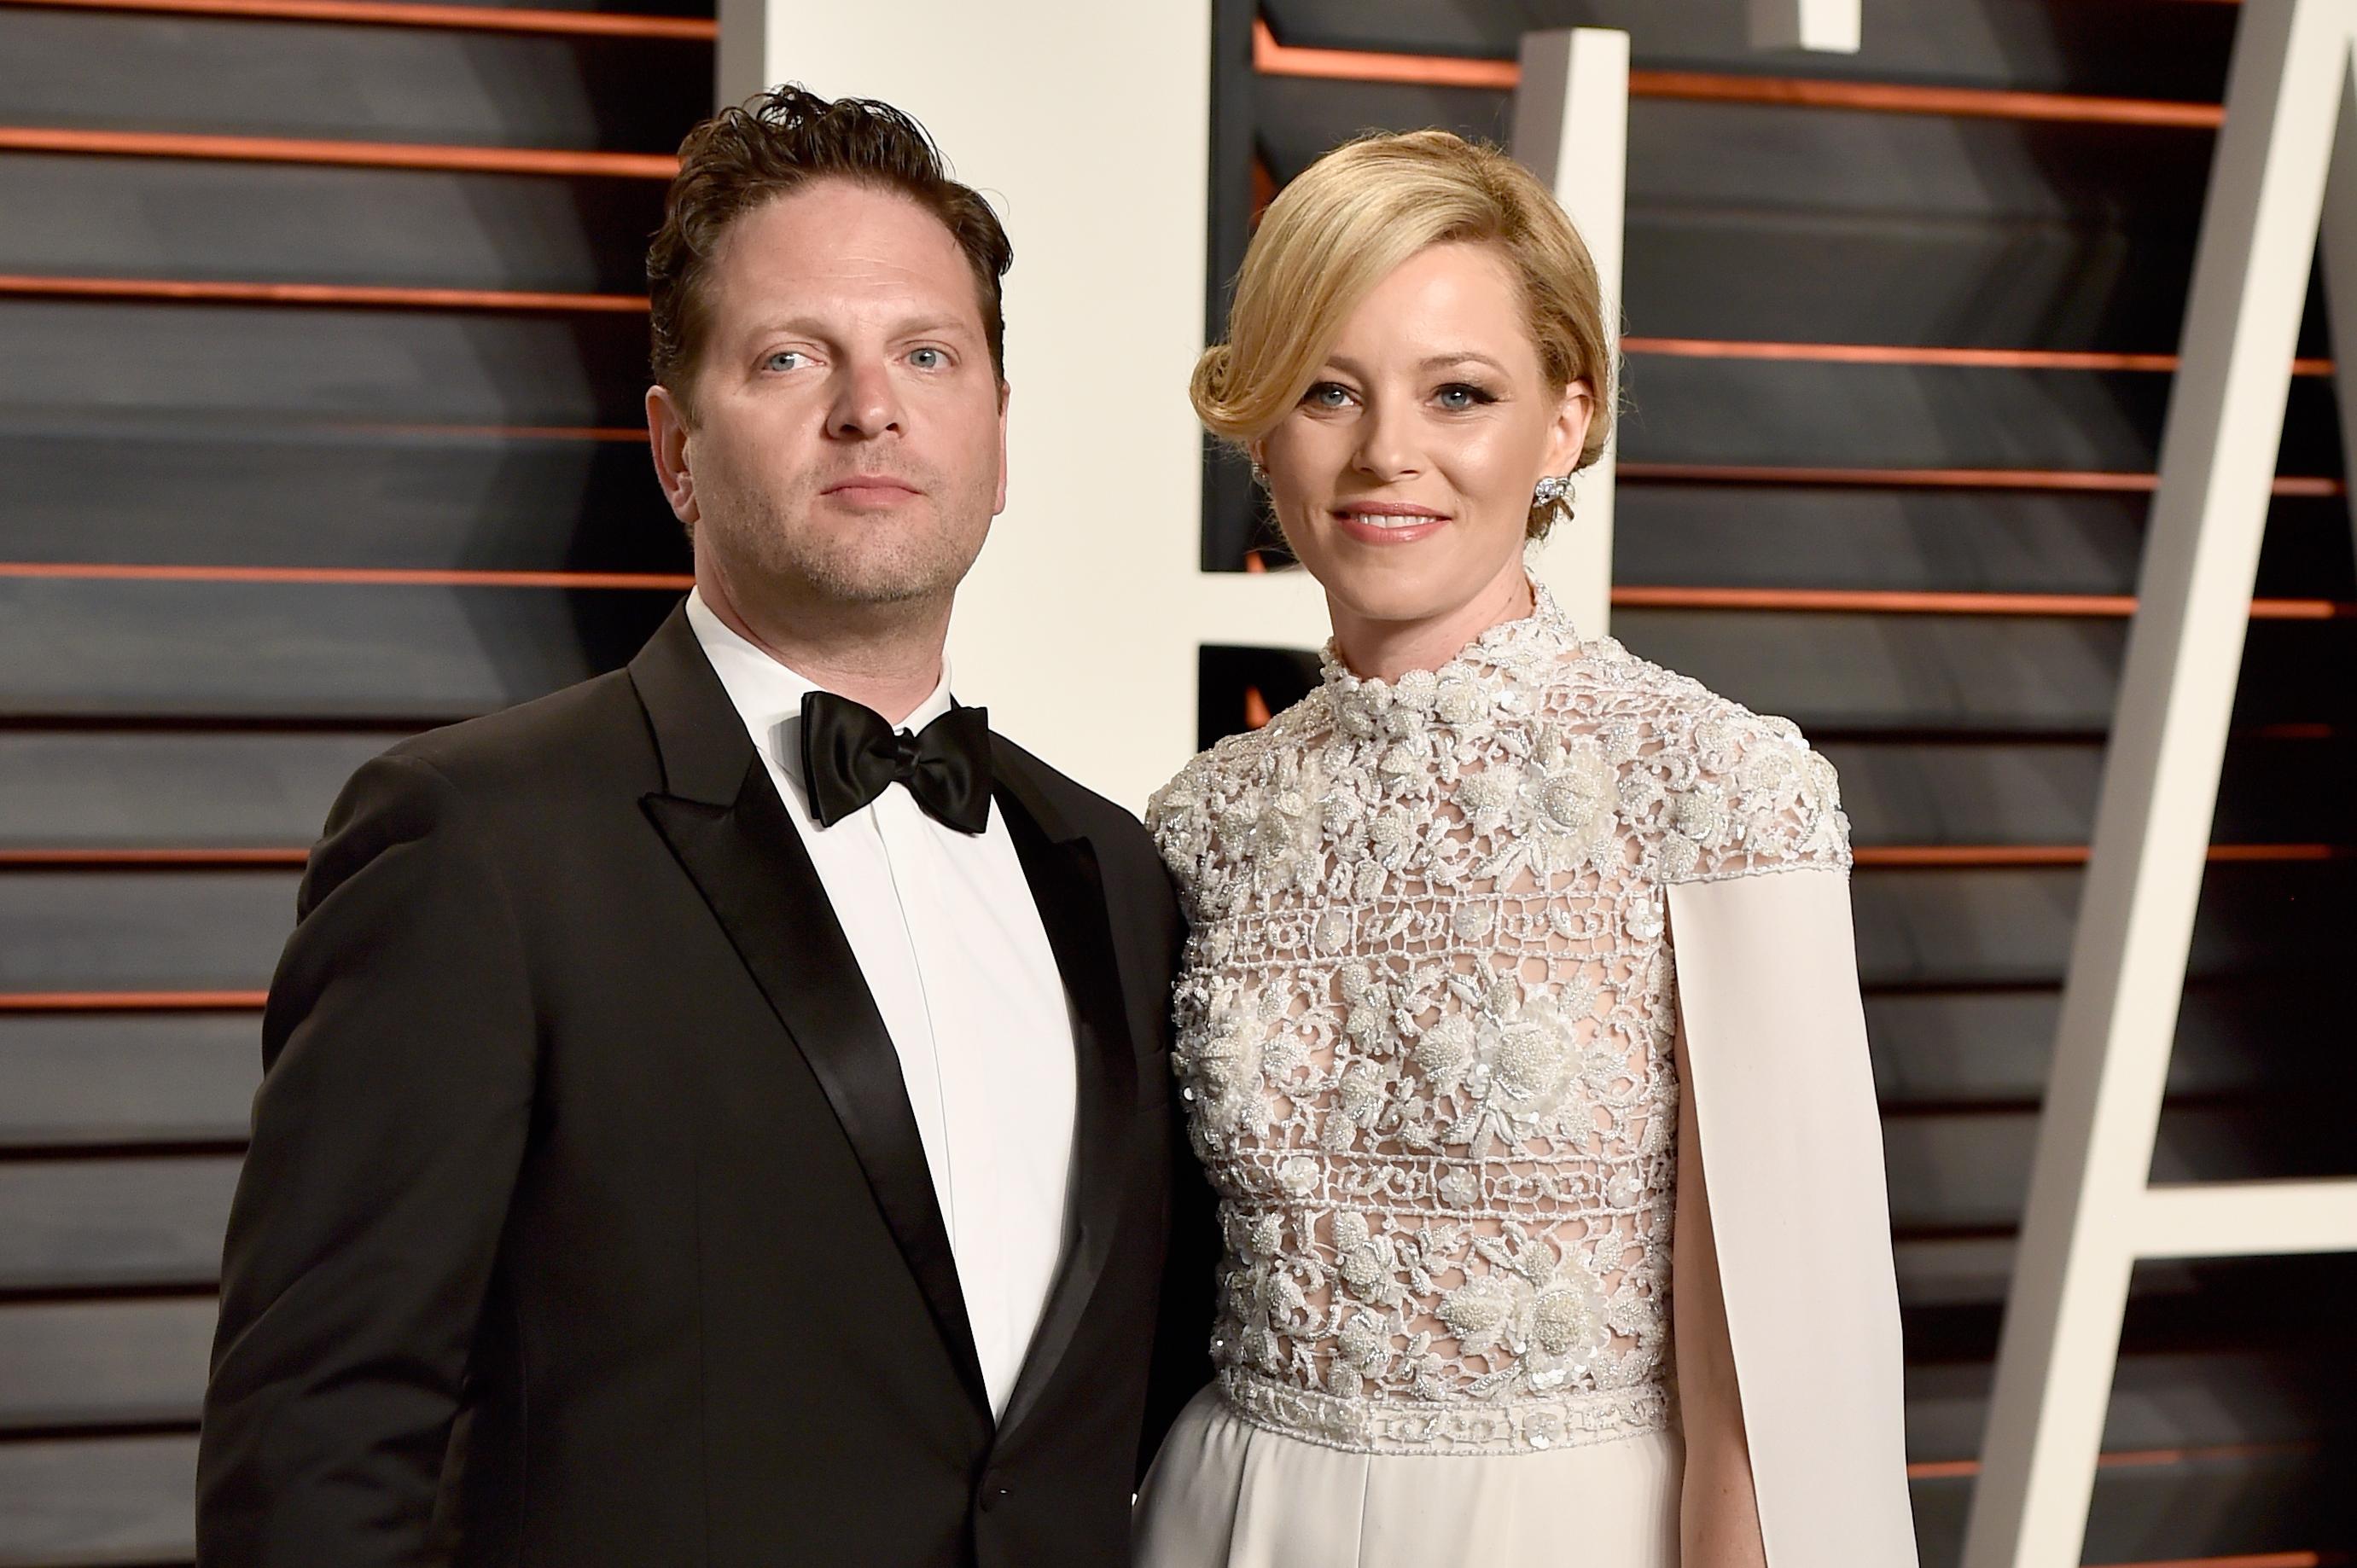 <p><strong>Елизабет Банкс и Макс Хенделман</strong></p>  <p>27 години заедно! Собствениците на филмова компания се запознават през 90-те години, когато учат в университет. До 2003 са гаджета, а след това сключват брак. Банкс споделя, че тези години връзка са нещото, с което най-много се гордее.</p>